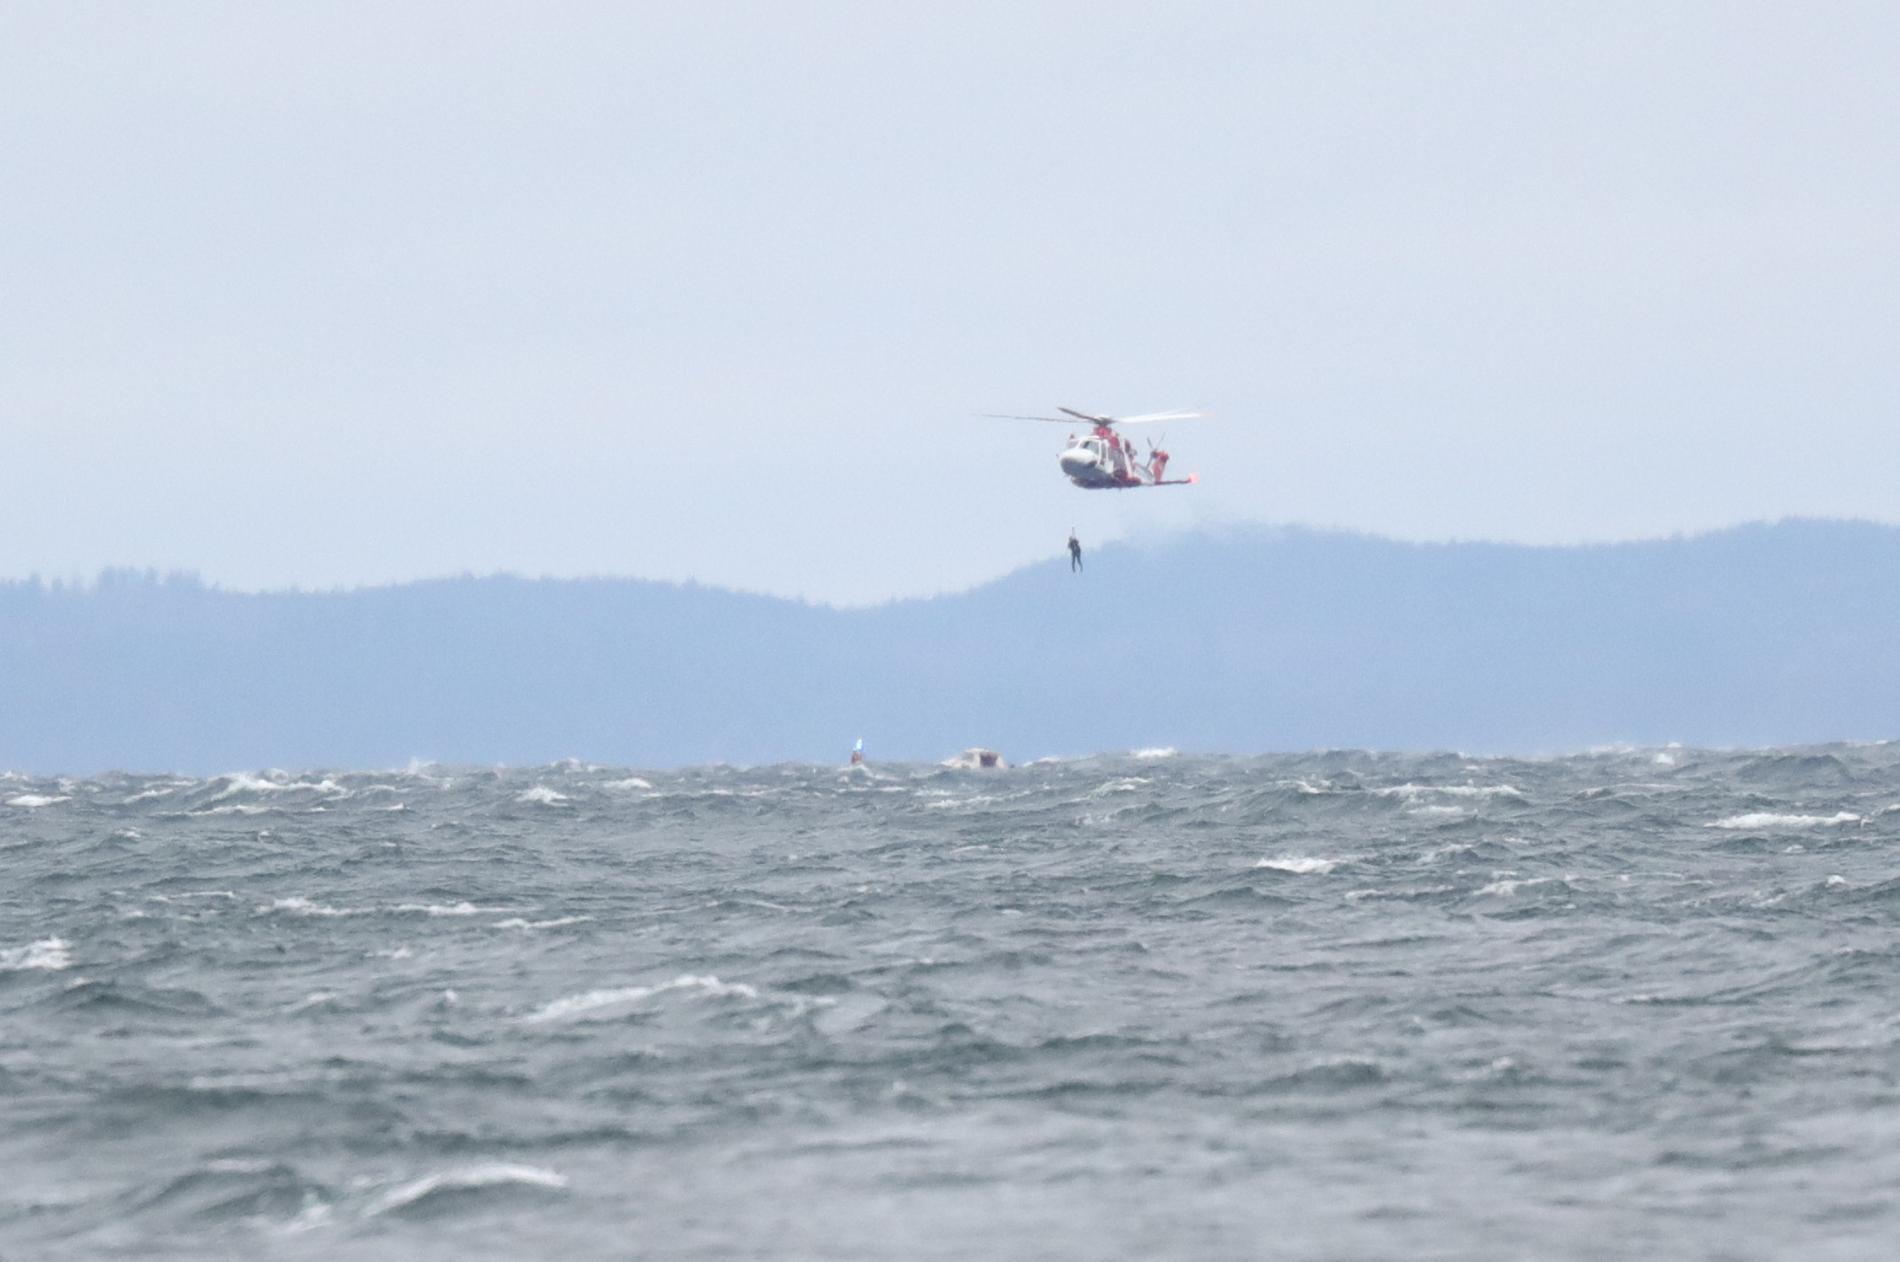 En minut senare sjönk båten, enligt räddningsledaren på Sjöfartsverket.